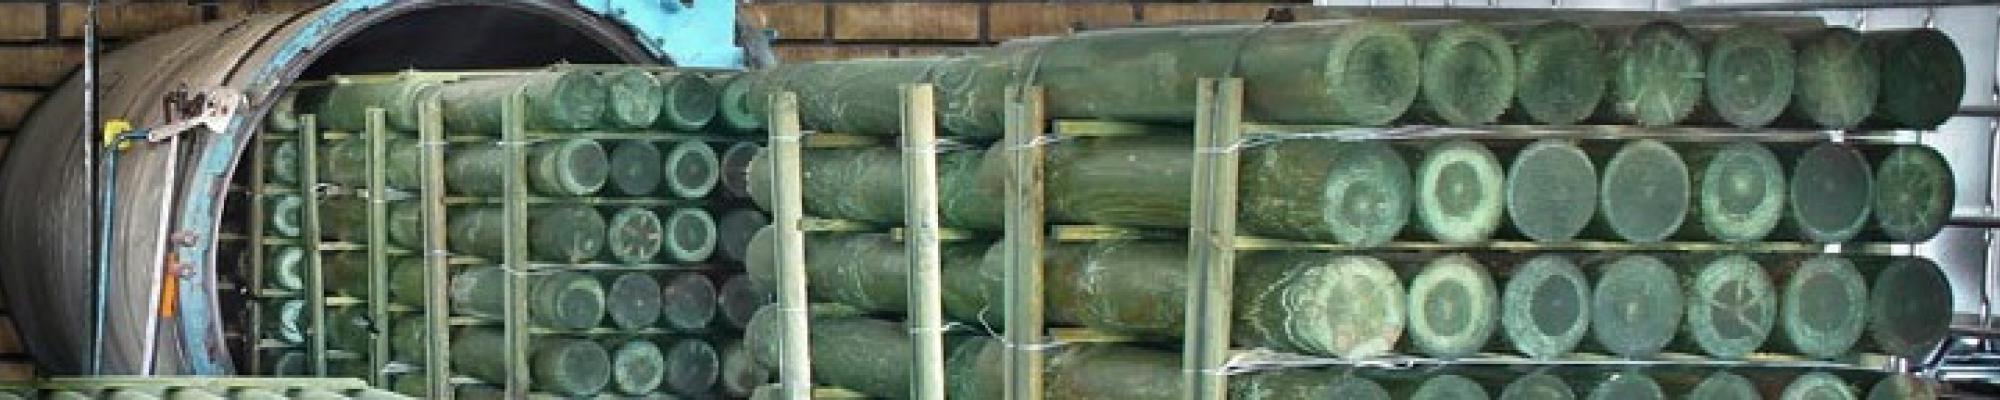 Traitements du bois classe 3 et 4 ou non traité